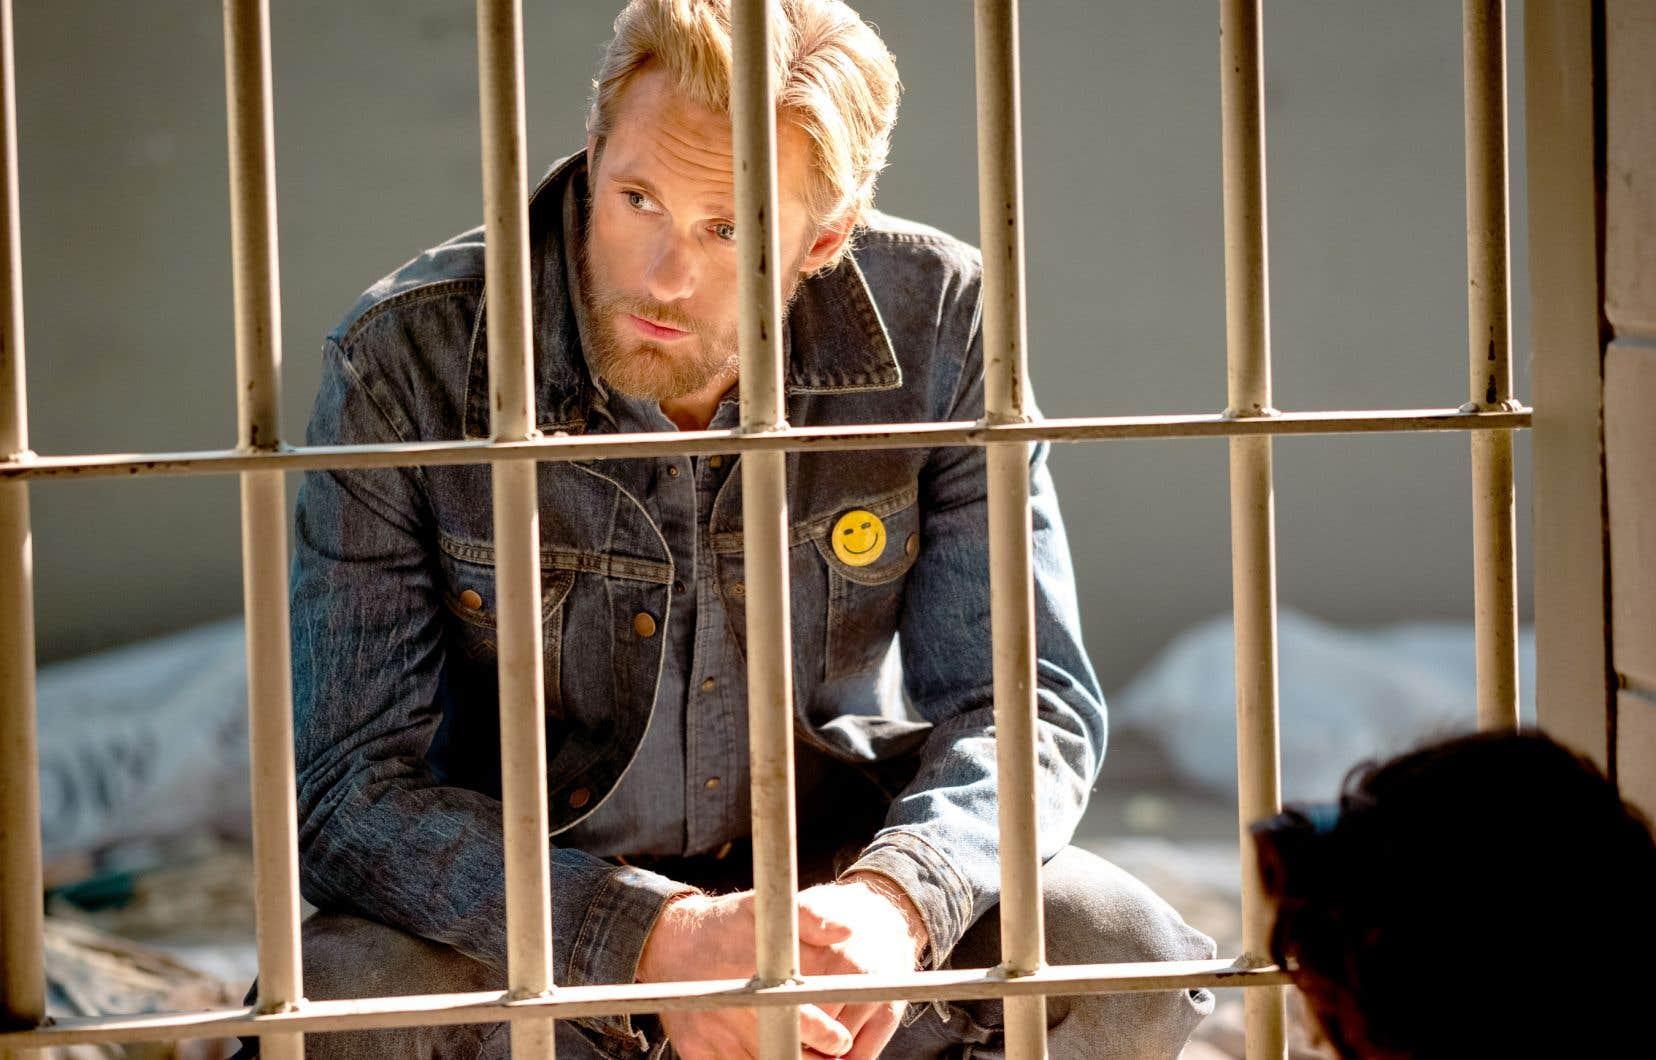 Alexander Skarsgard vole la vedette dans le rôle de Randall Flagg, bien qu'il ne soit pas très présent au début de la série.